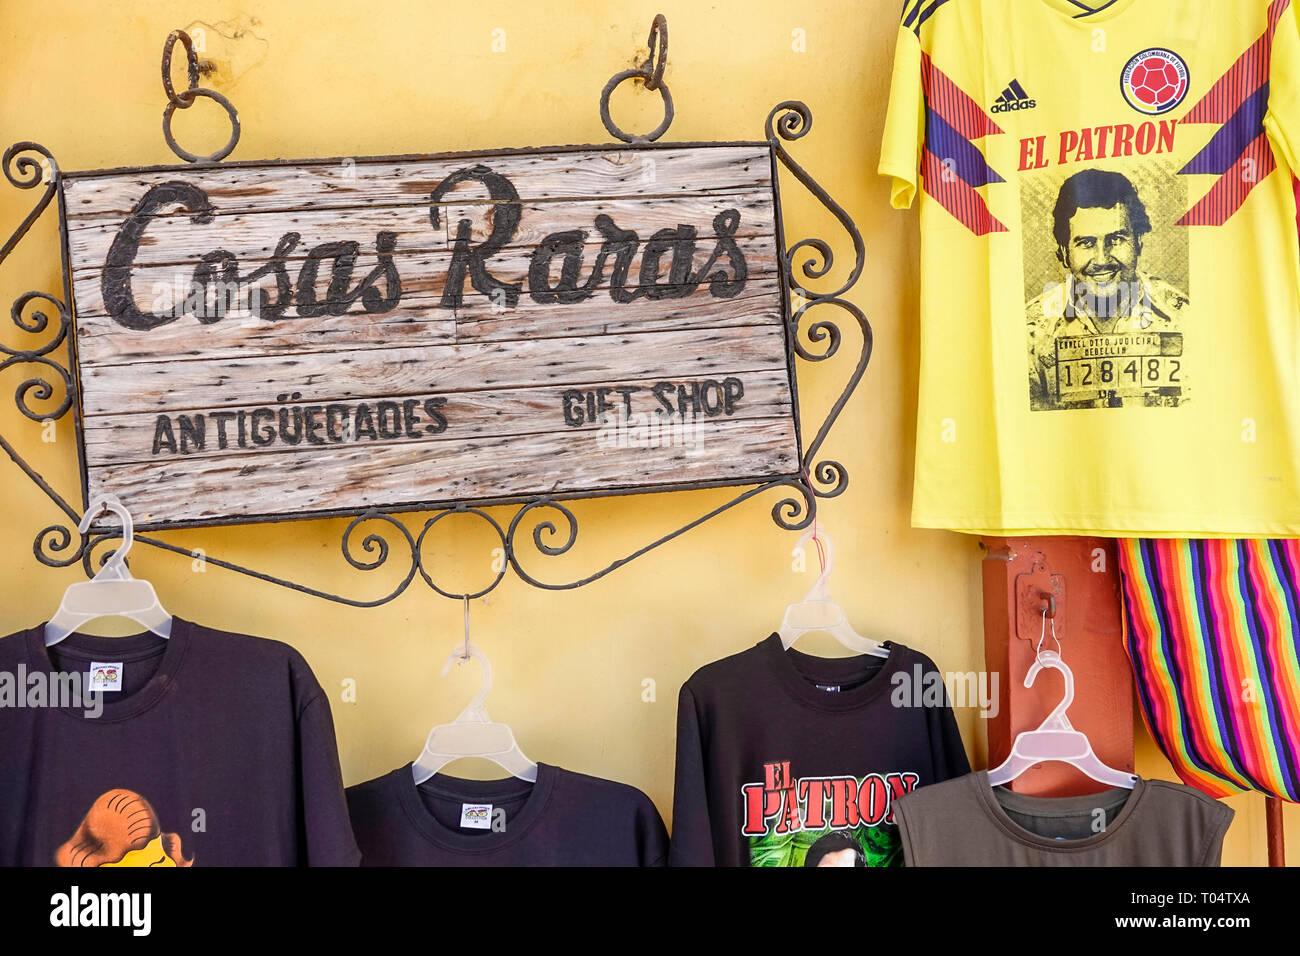 Cartagena Colombia Old Walled City Center centre Centro shopping display sale Playa de las Bovedas El Patron tee shirt Playa de las Bovedas gift shop - Stock Image